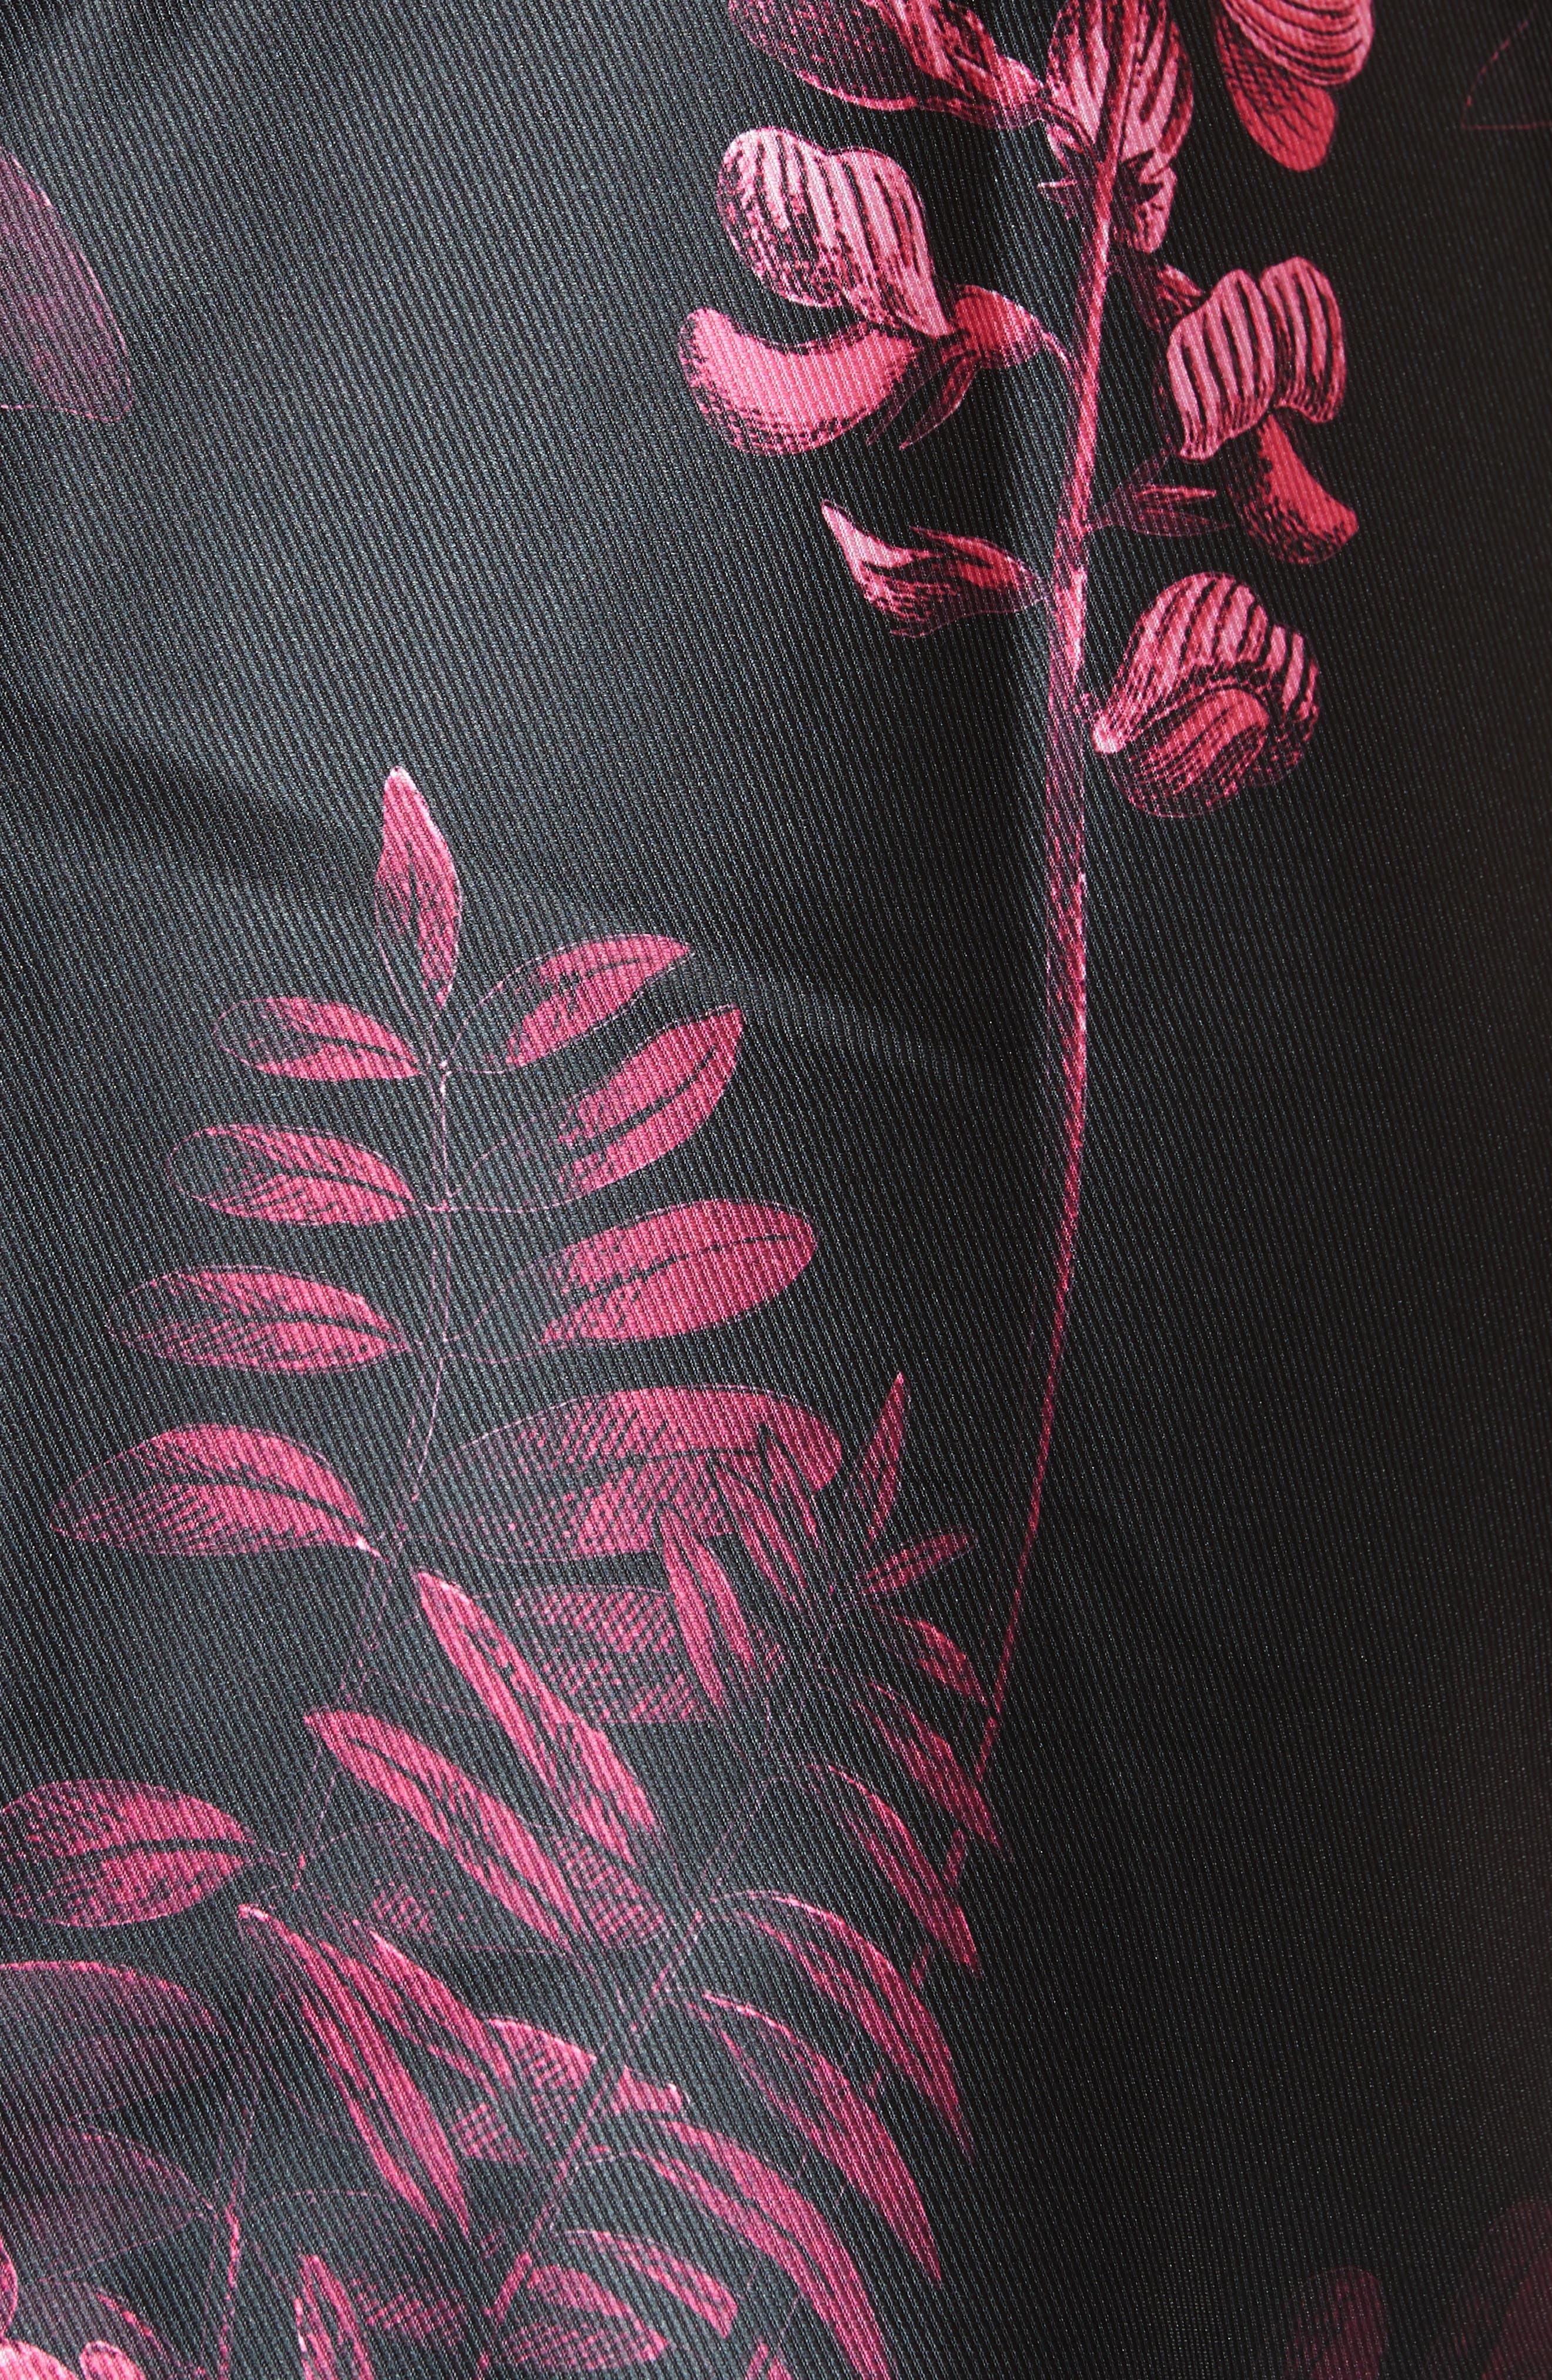 Jebby Splendor Jacquard Fit & Flare Dress,                             Alternate thumbnail 5, color,                             001